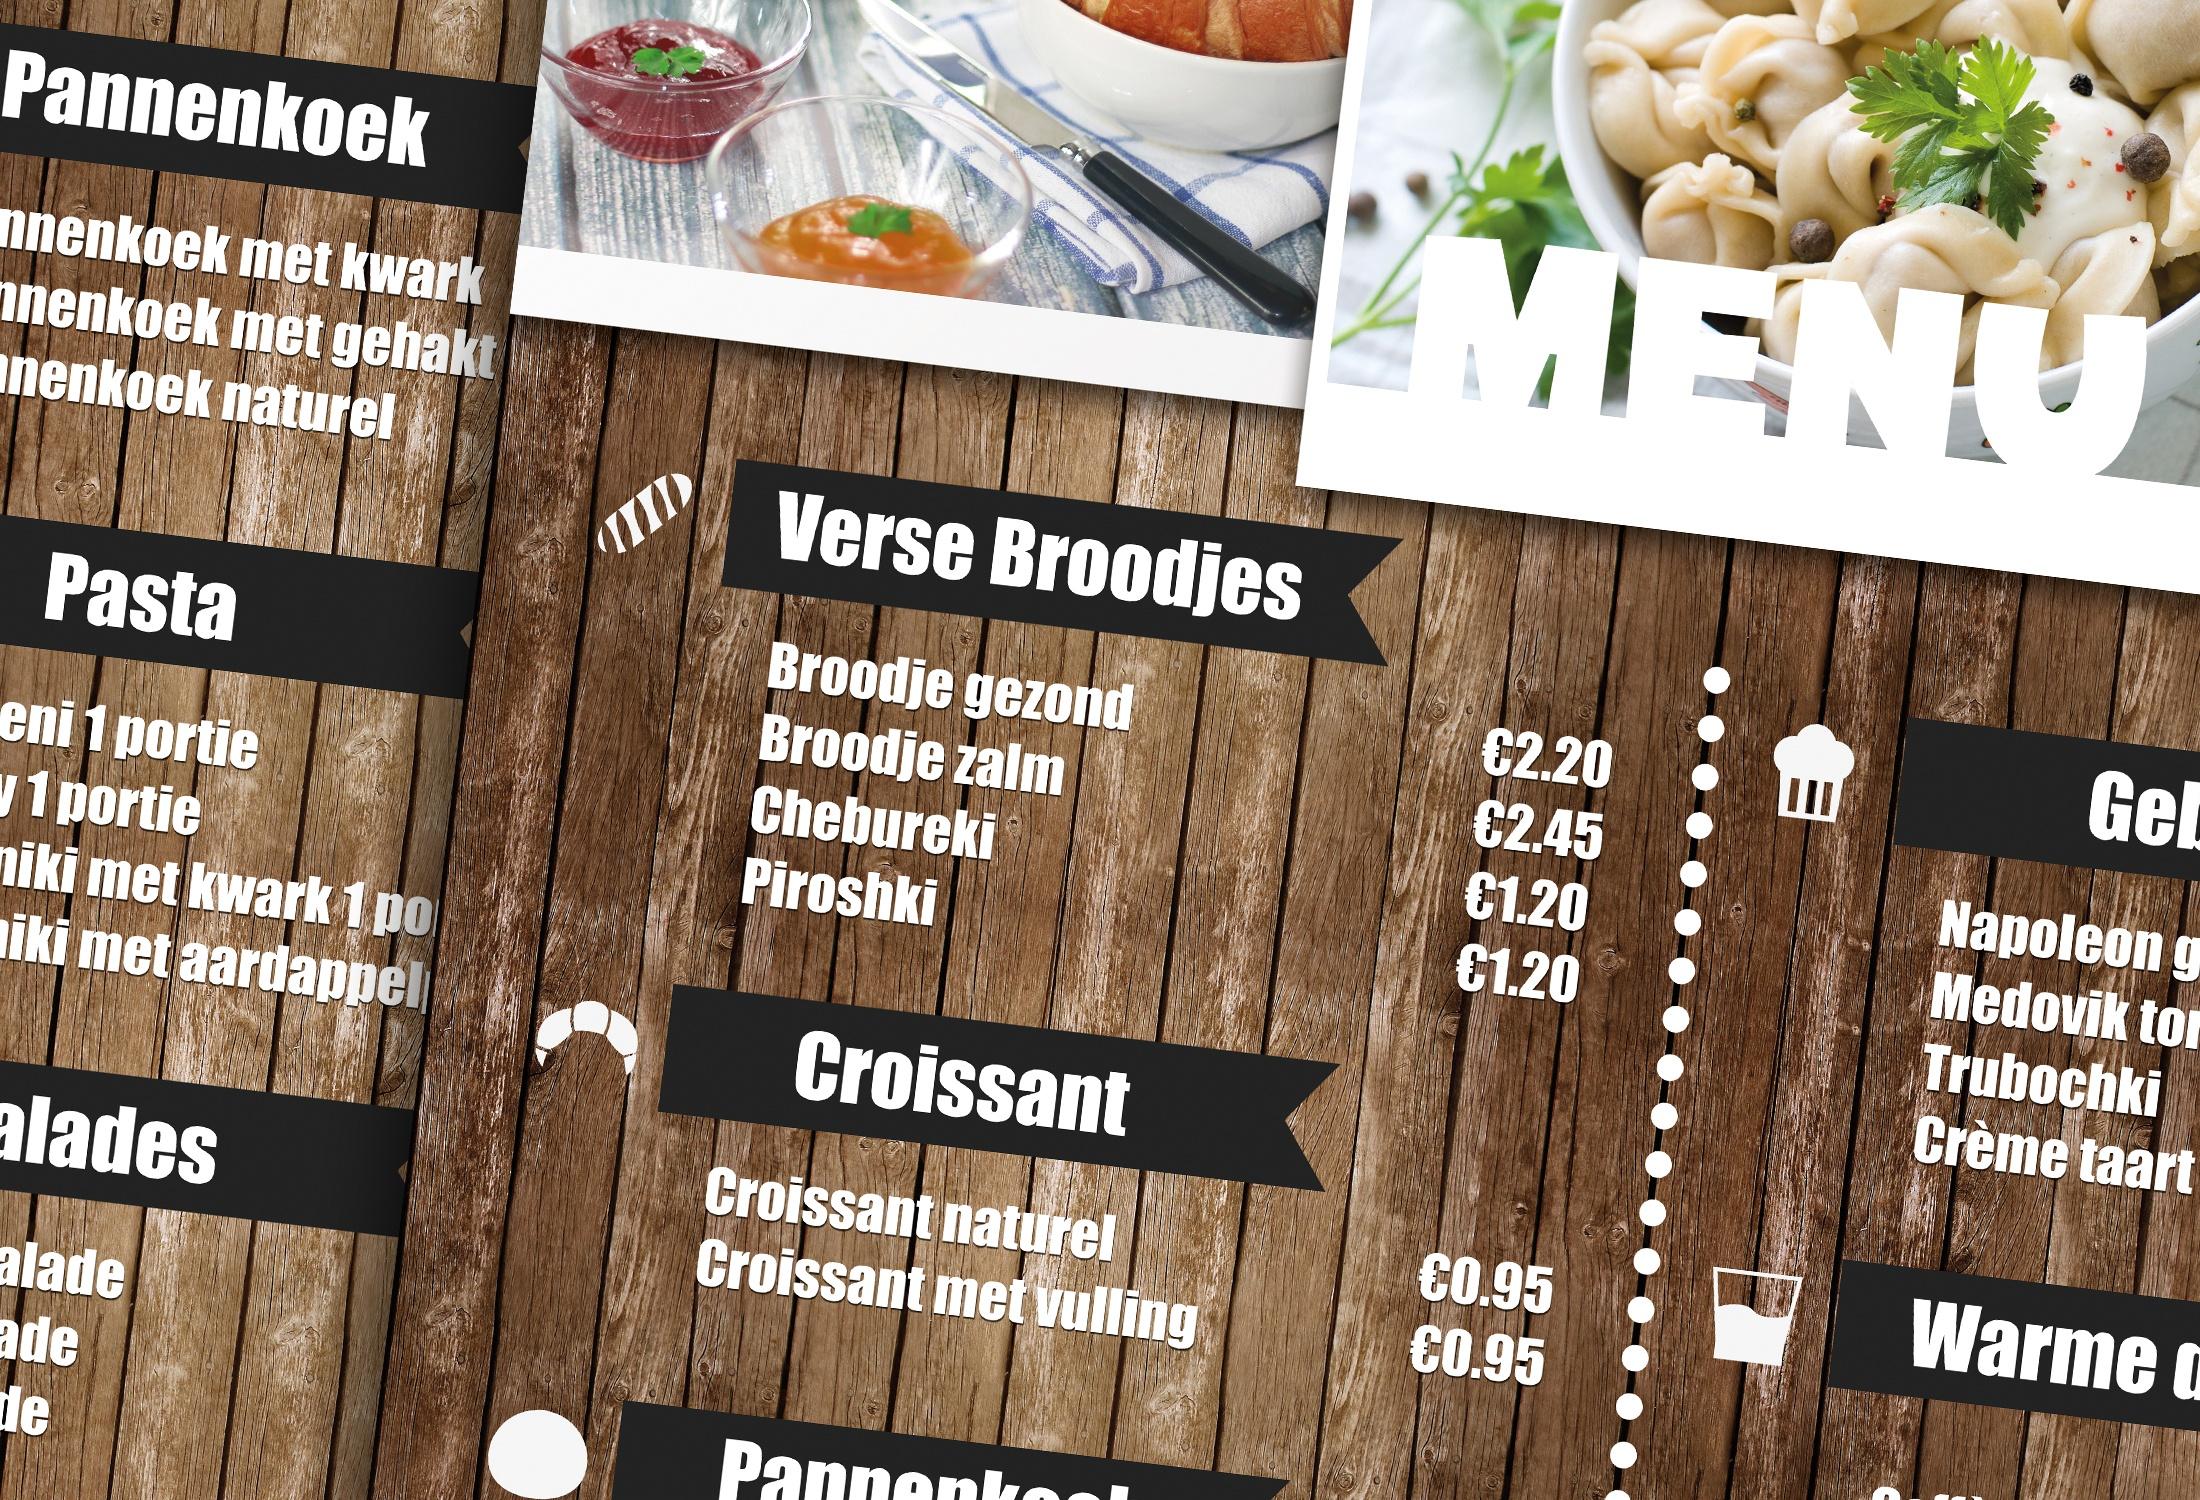 kavkaz-menu-ontwerp